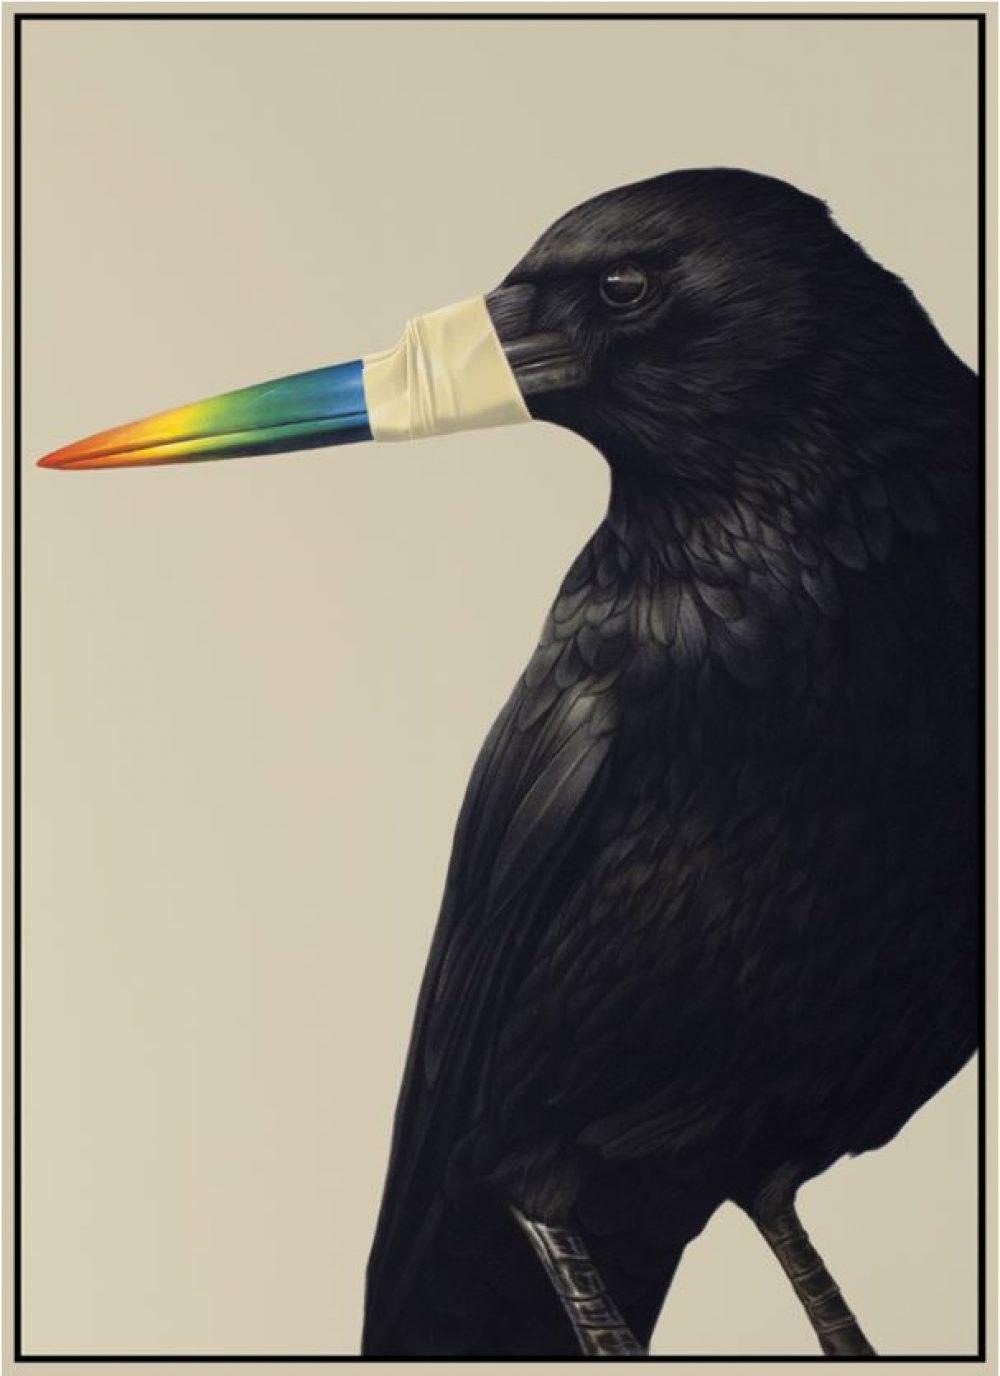 Fremde Federn (2016), Acryl auf Leinwand, 70 x 50 cm